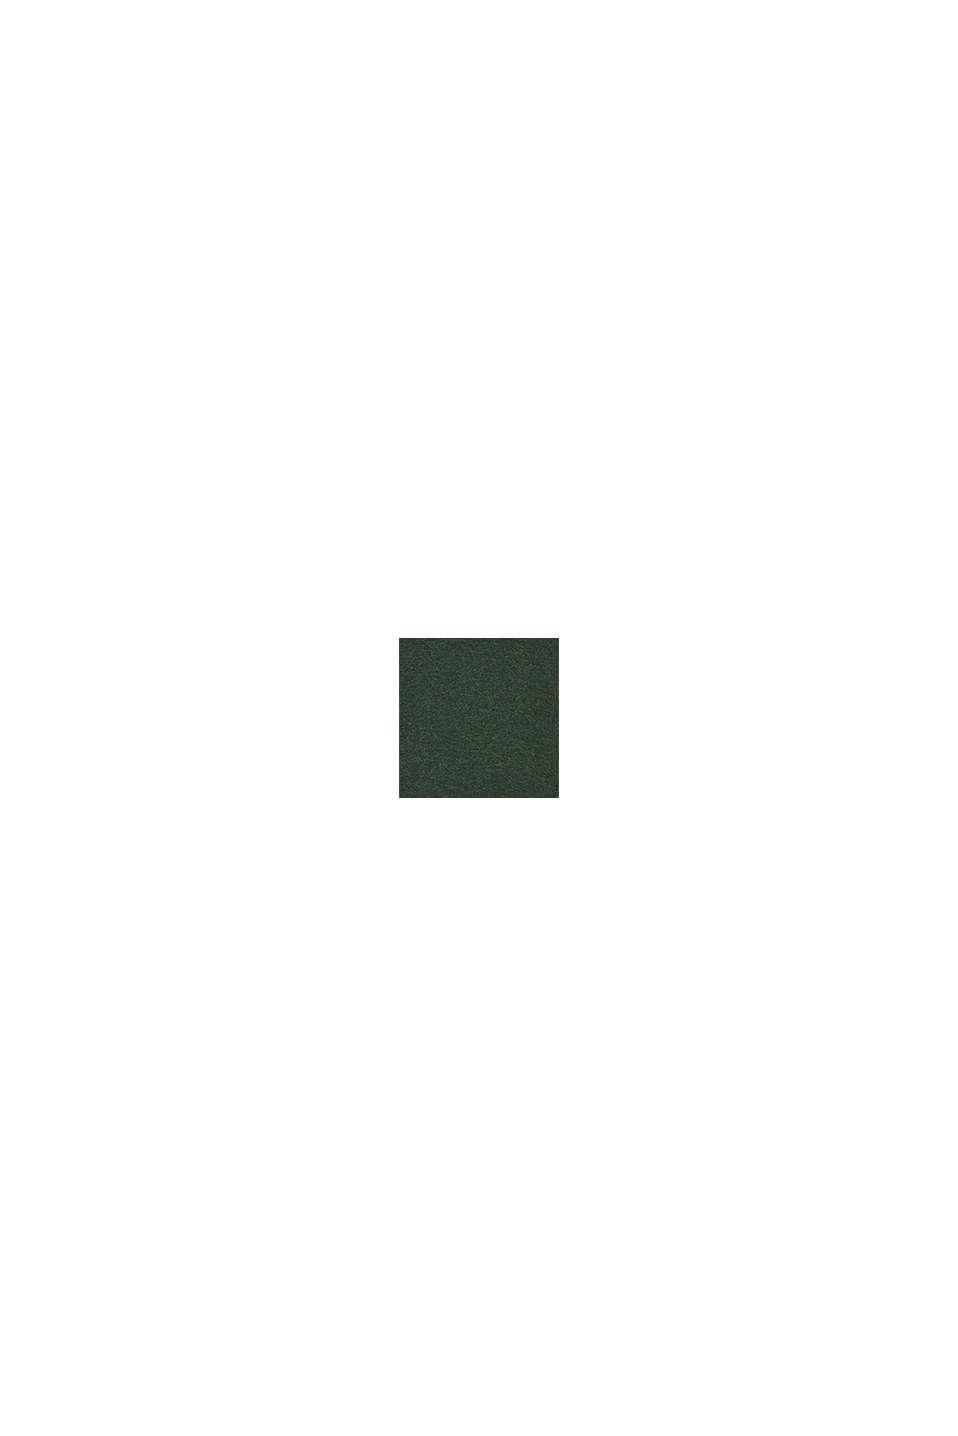 Trui met ronde hals, 100% katoen, DARK GREEN, swatch